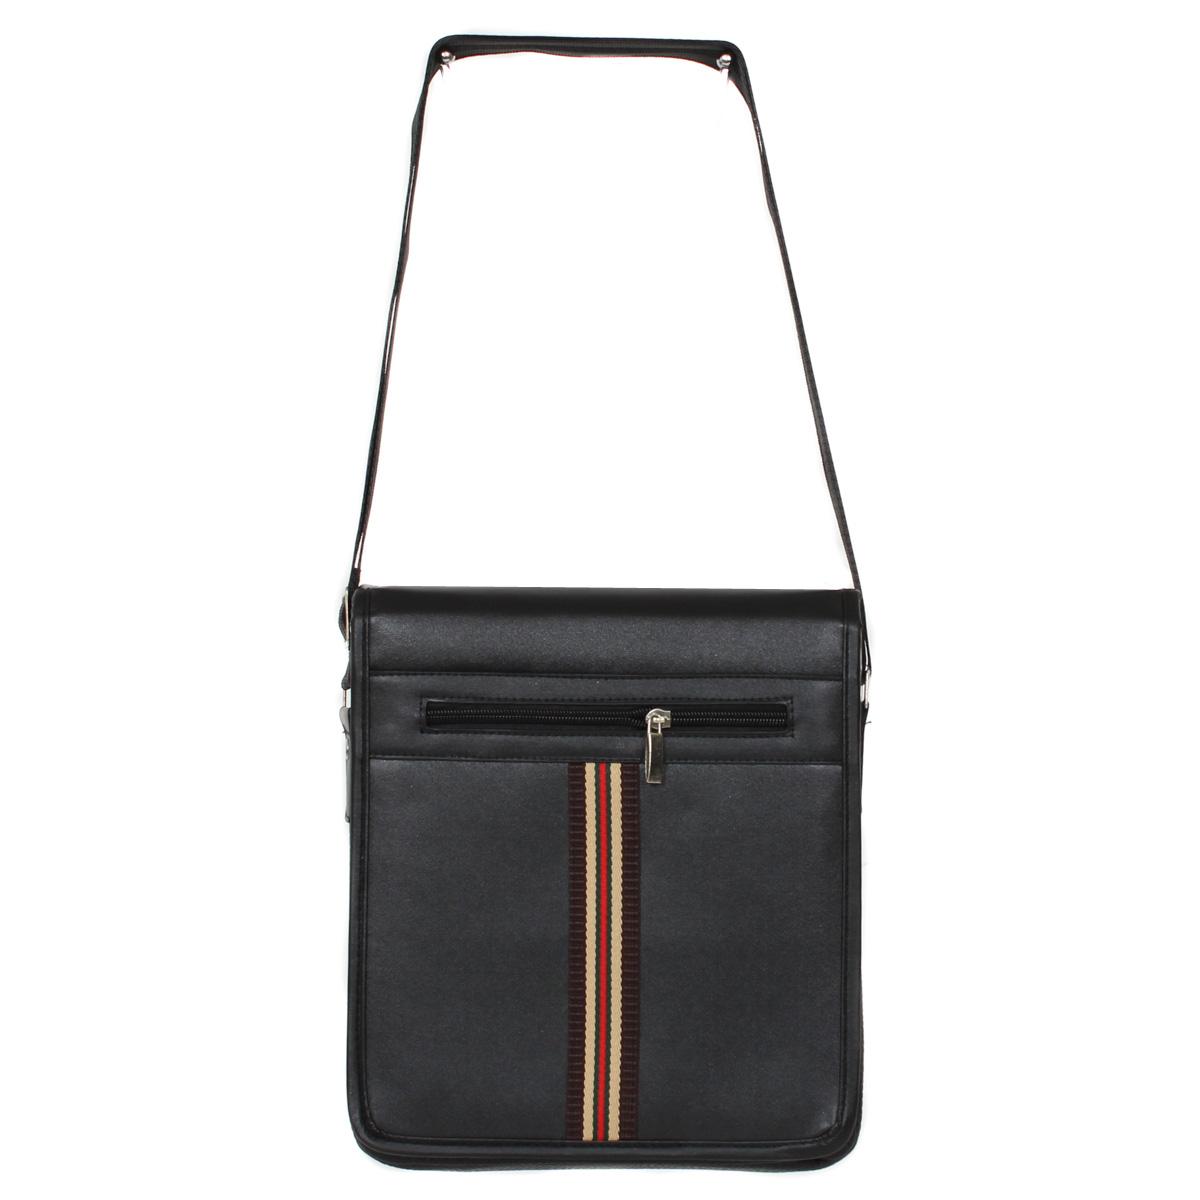 Сумка муж. Leighton, цвет: черный. 0005119500051195Закрывается декоративным клапаном на двух магнитах. Внутри одно отделение, один карман на молнии, один открытый карман. Снаружи один карман на молнии, один открытый карман.